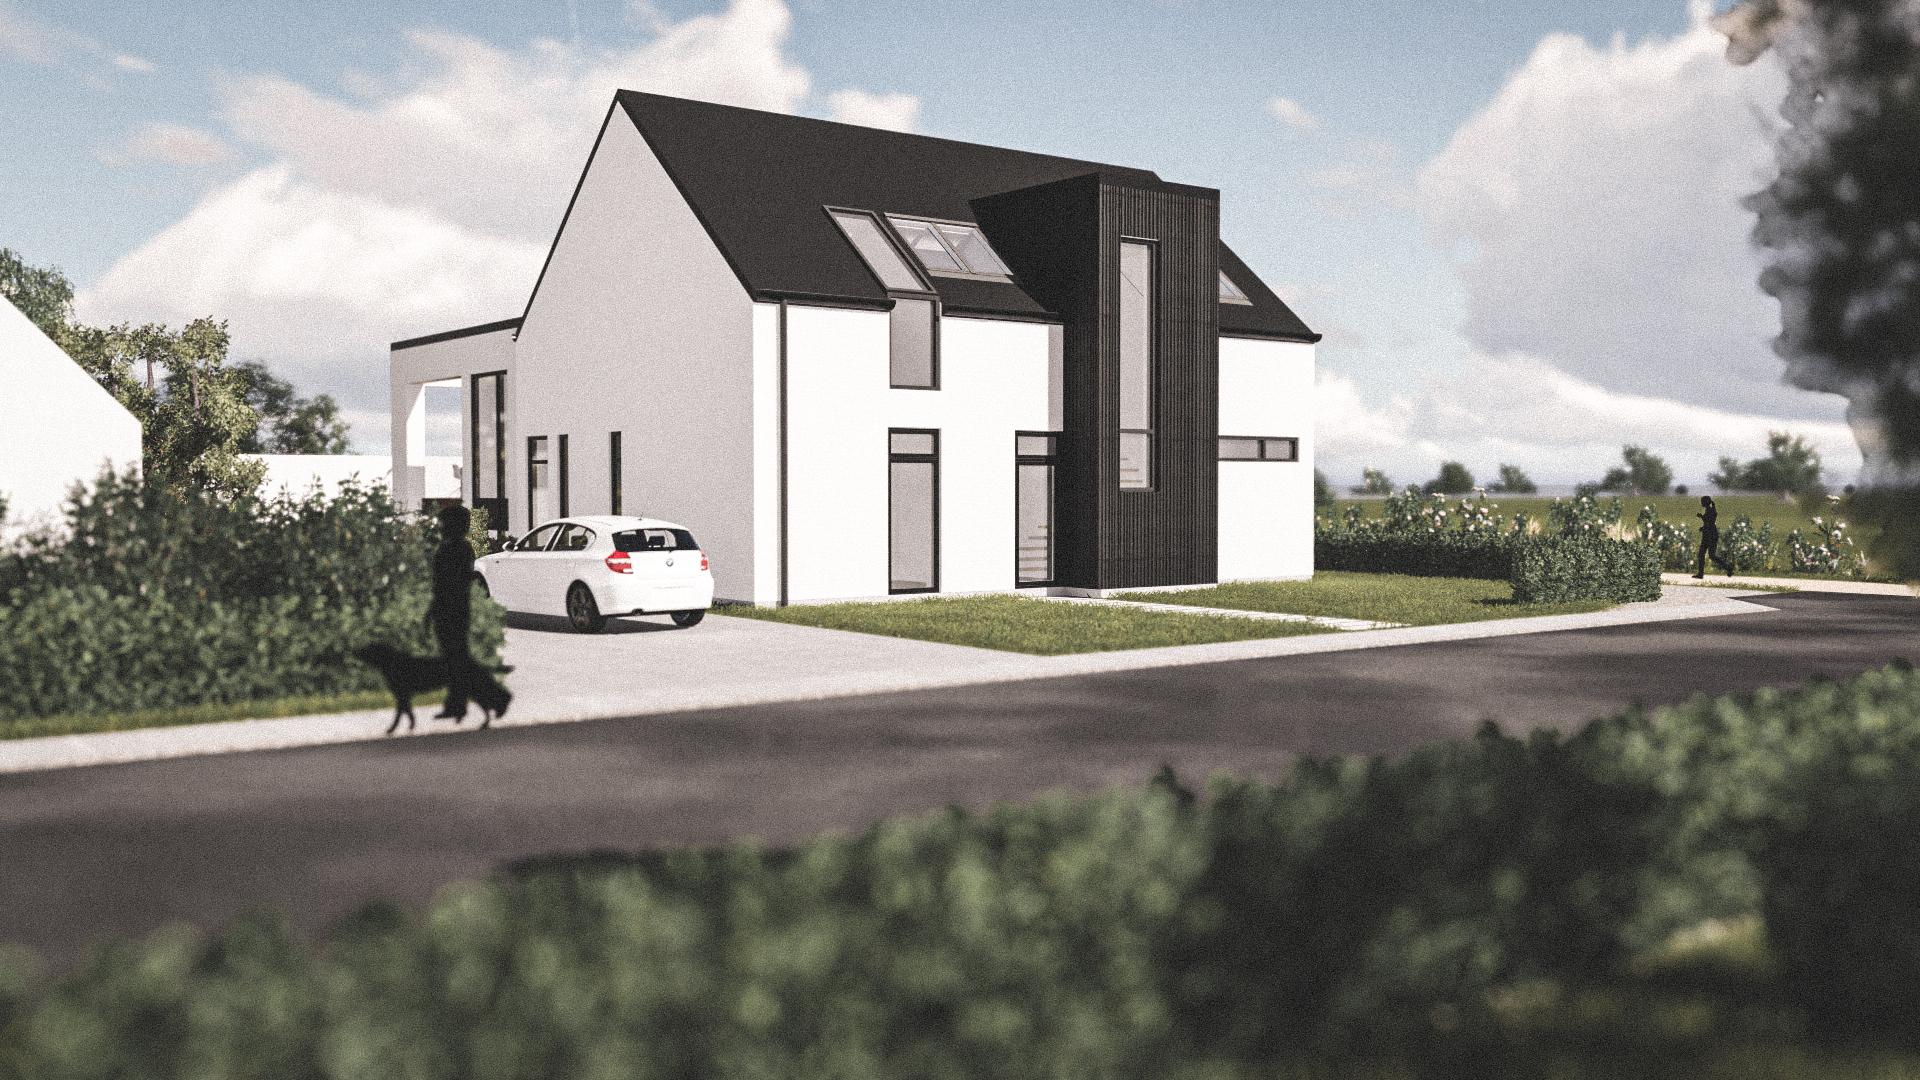 Billede af Dansk arkitekttegnet 2 plan villa af arkitektfirmaet m2plus, i Roskilde på 331 kvartratmeter.